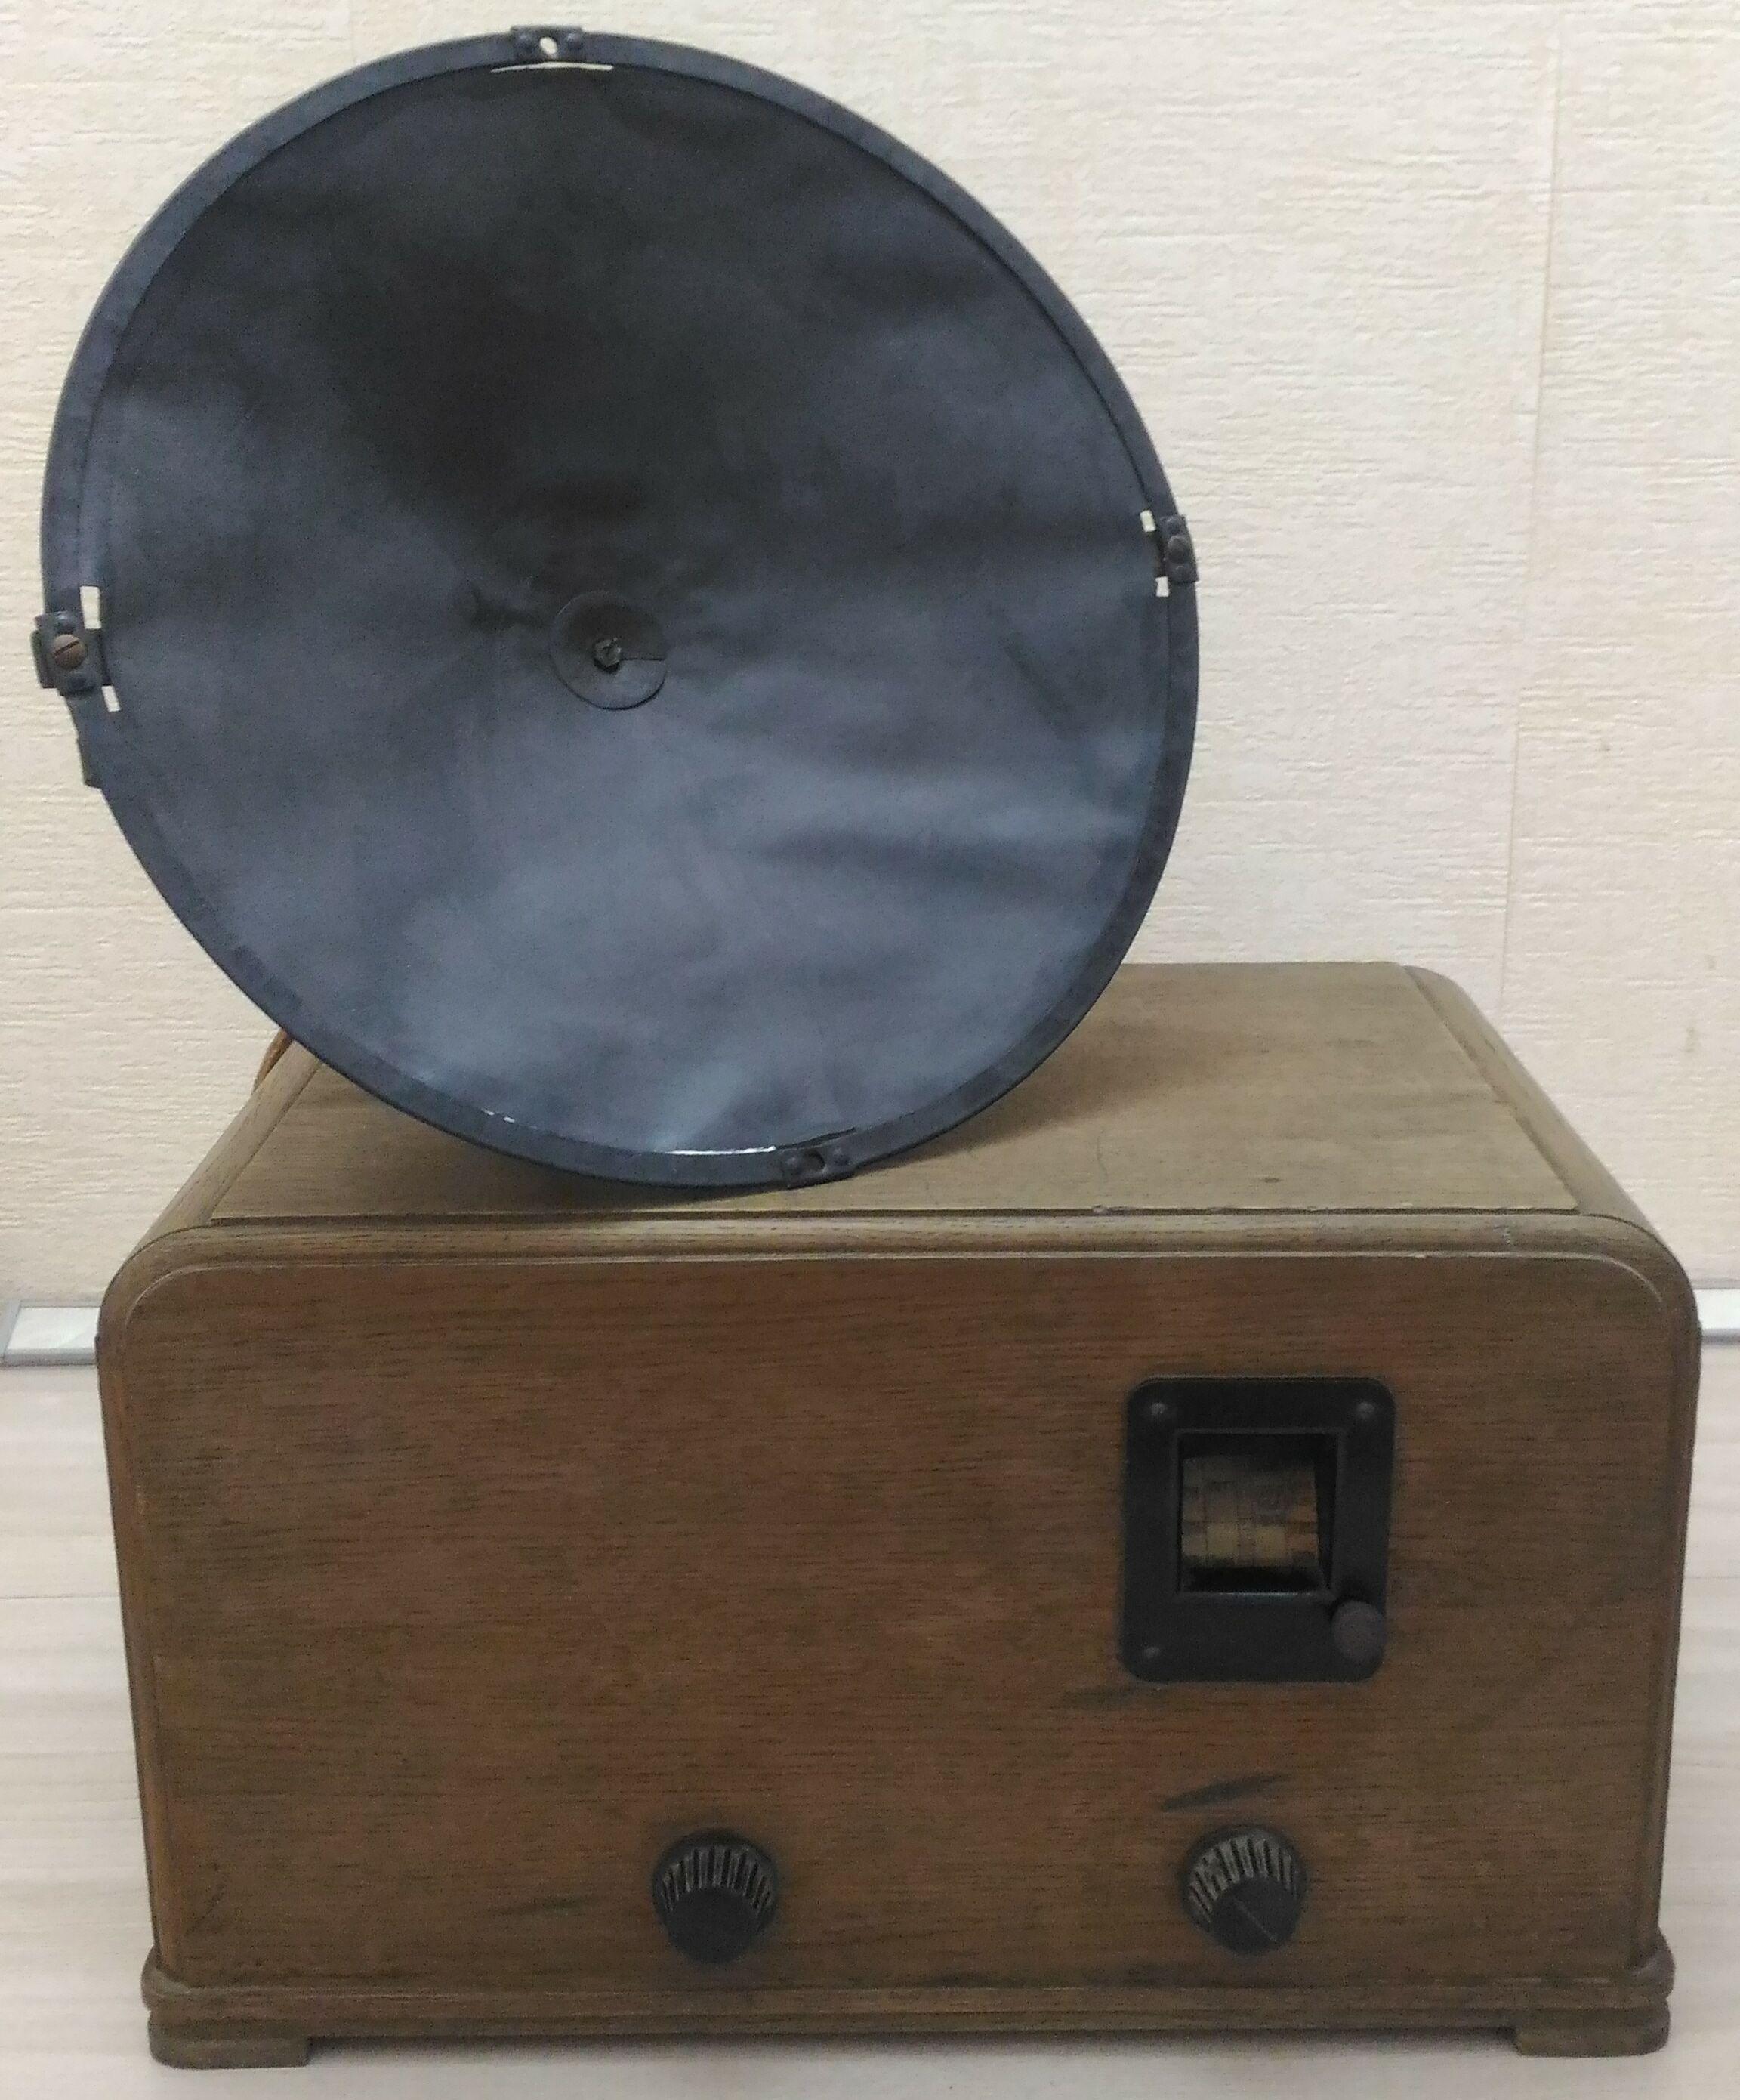 Схемотехника 100 лет назад. Обзор довоенного радиоприемника ЭЧС-3 - 1